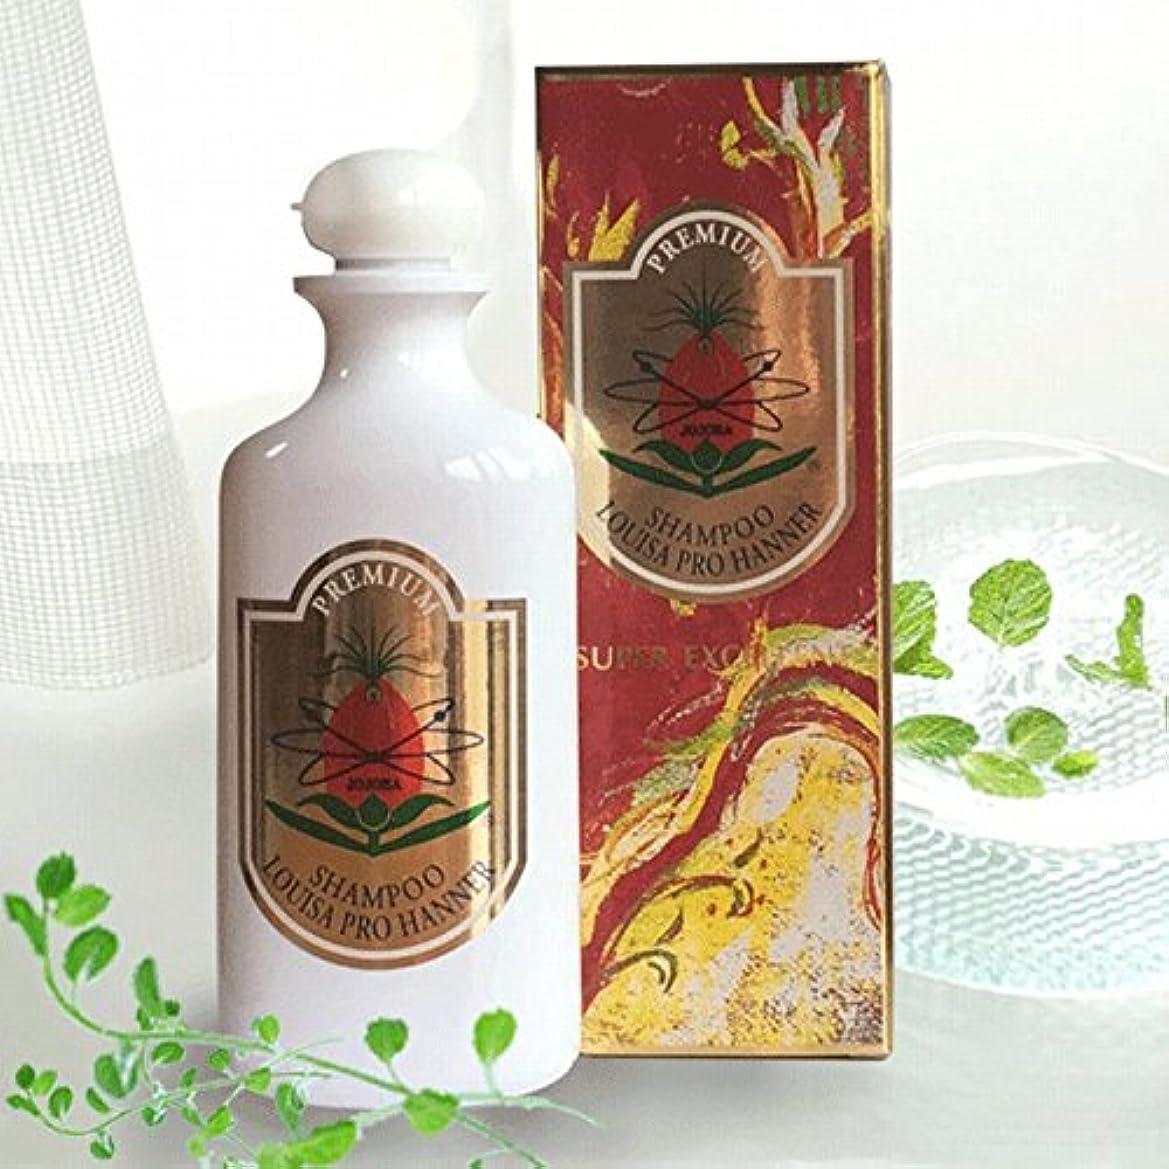 かまど同意する歯医薬部外品 薬用ルイザプロハンナシャンプープレミアム新登場Louisa Pro Hanner Shampoo Premium 天然成分配合の自然派シャンプー